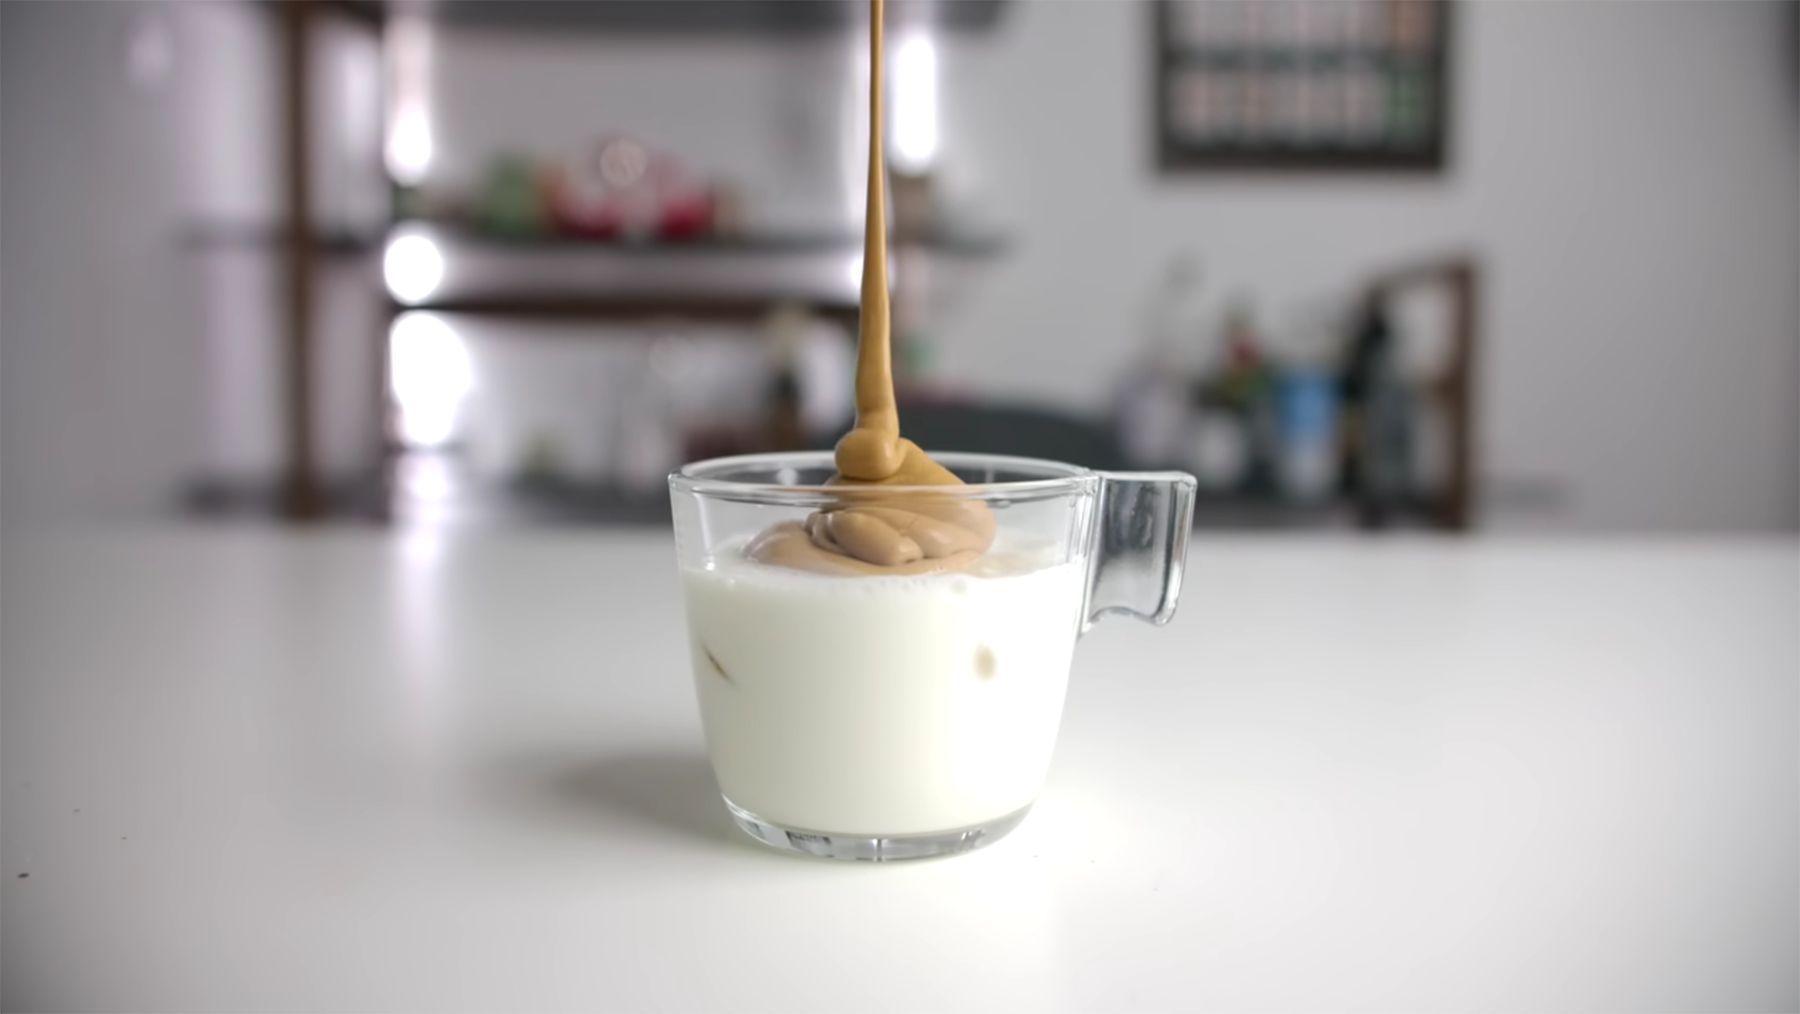 Dalgona-Kaffee erklärt | Essen und Trinken | Was is hier eigentlich los?